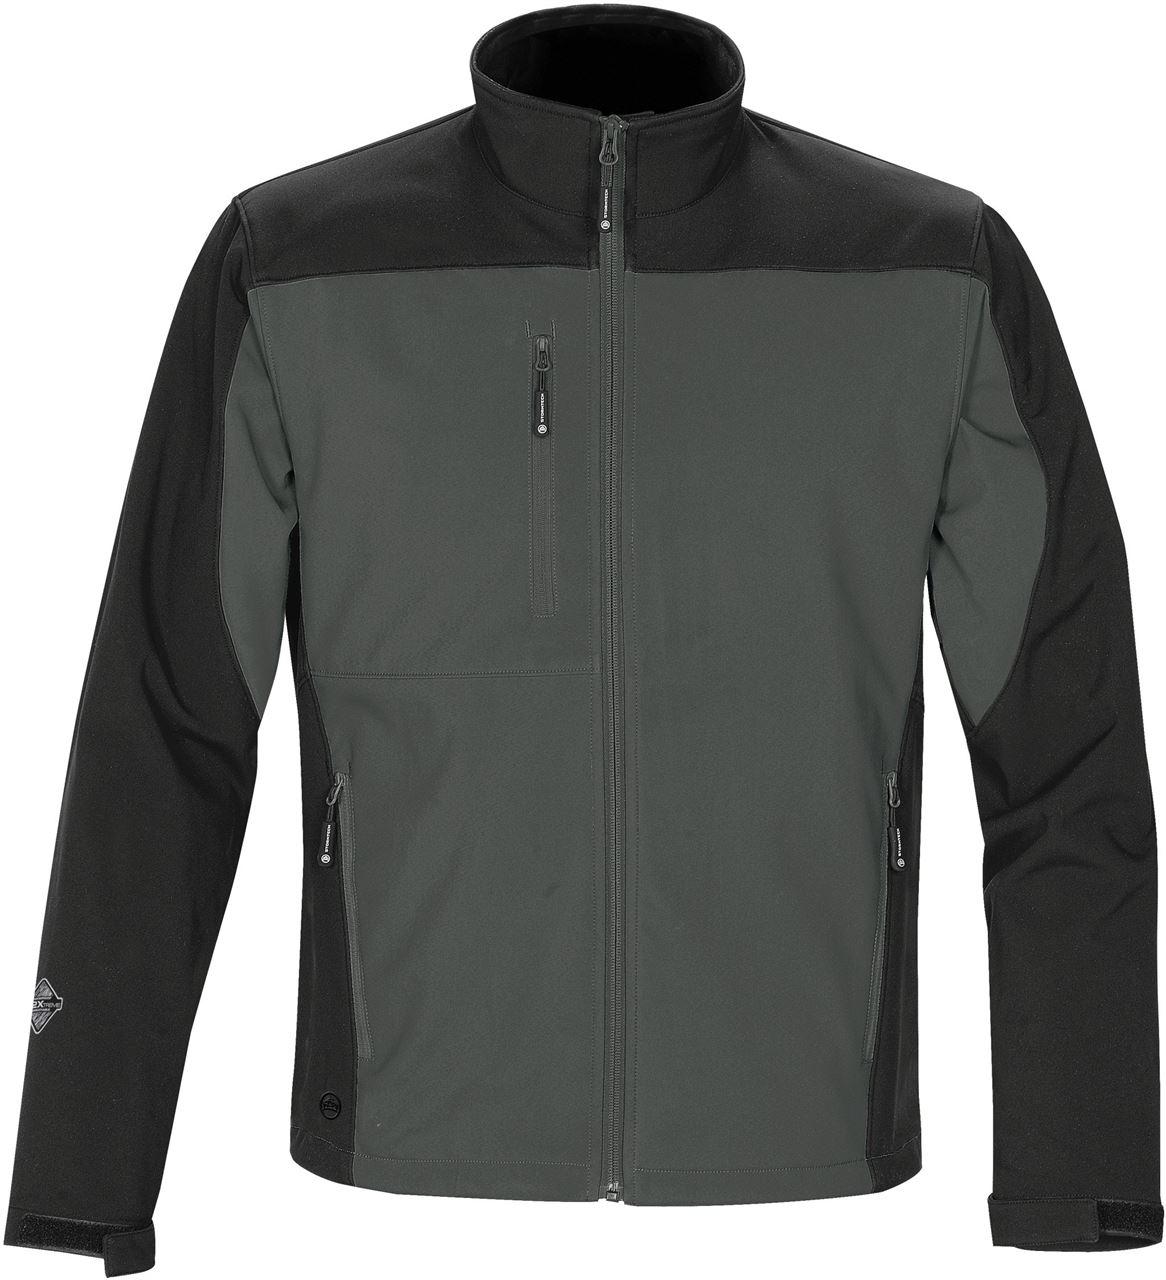 DBlade Technical Mens Softshell Jacket Black Thermal Waterproof Work Wear